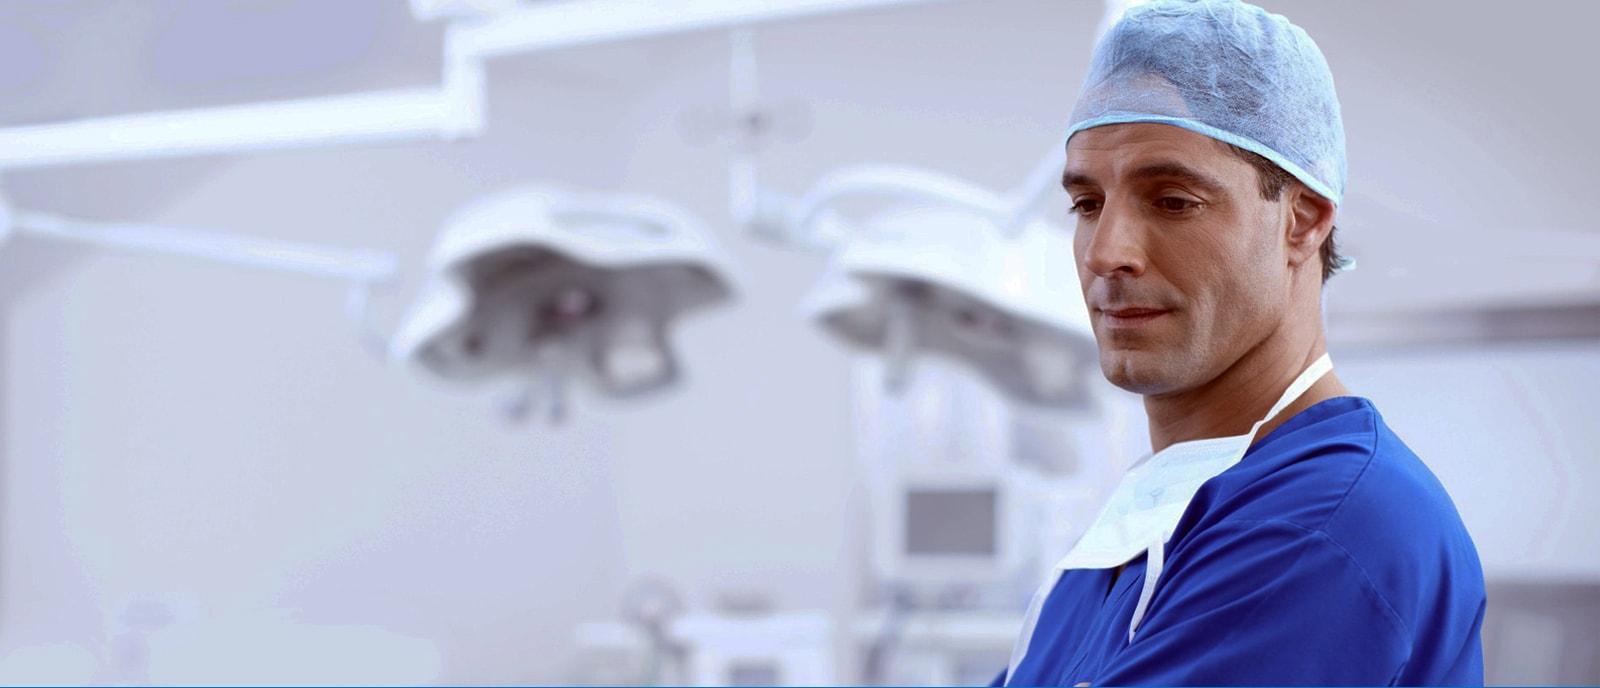 Medical  <br> Doctor